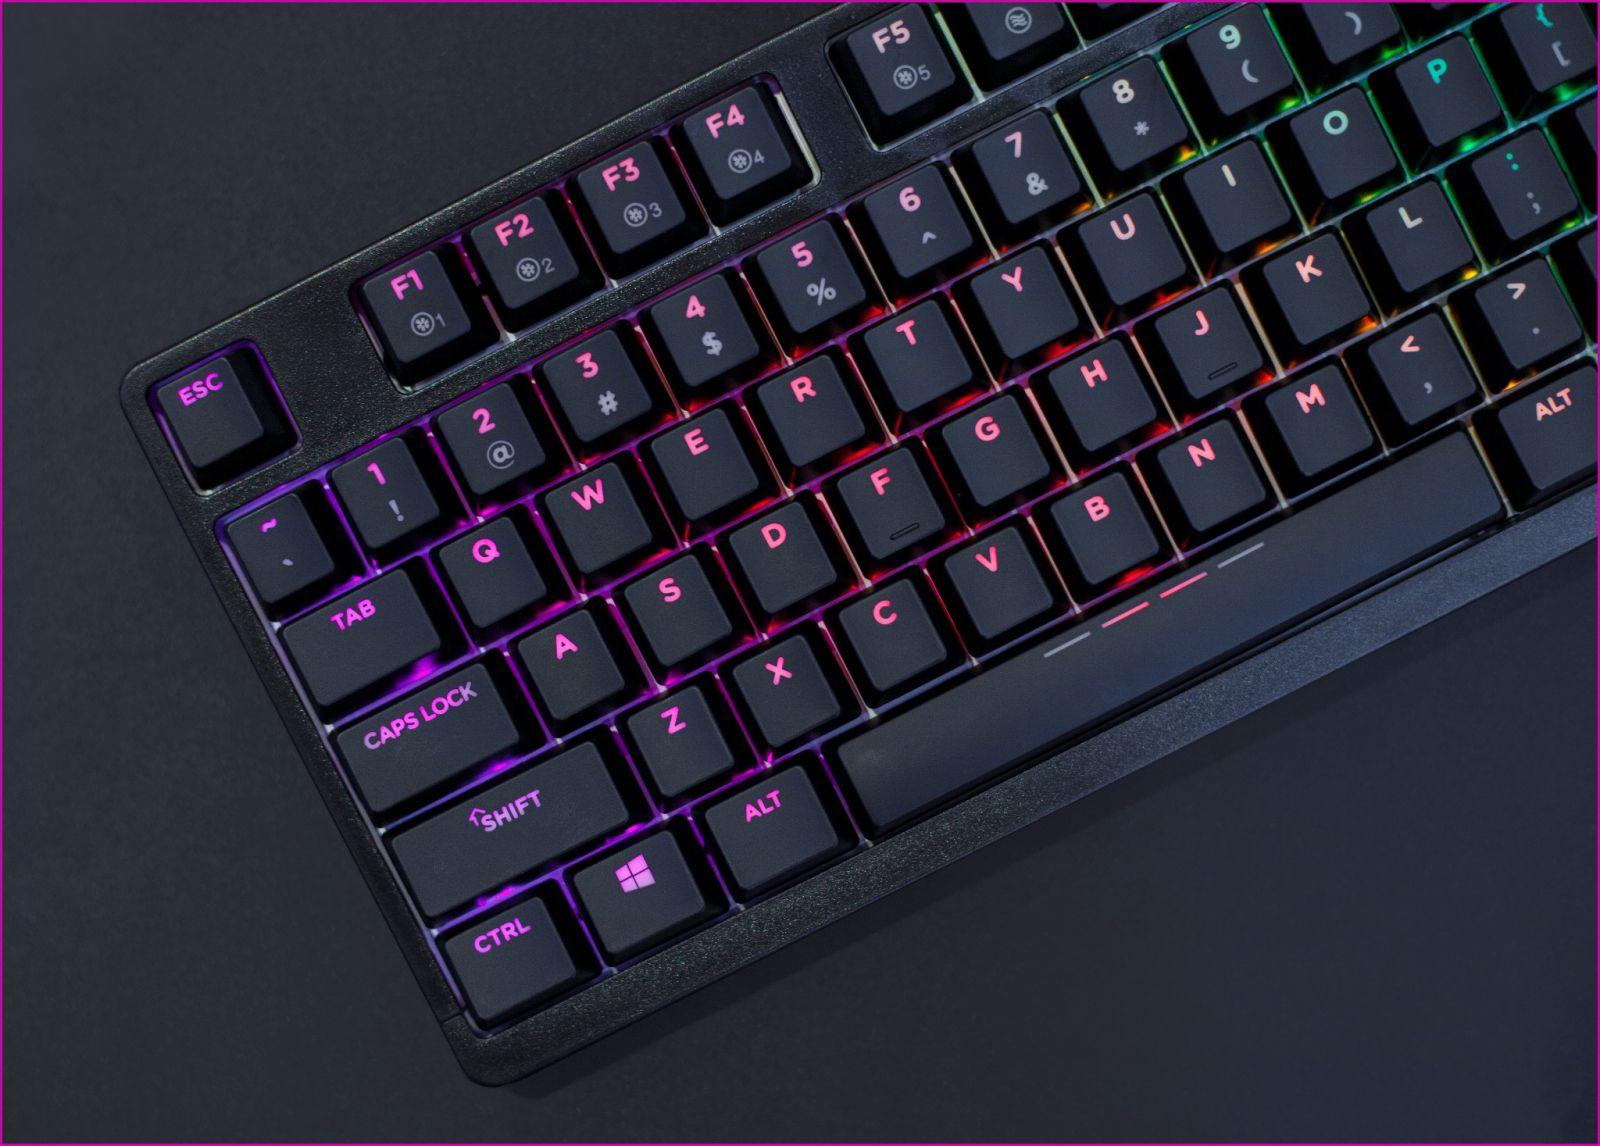 Bàn phím cơ Dareu DK1280 RGB Mechanical Blue D Switch Black có thiết kế đơn giản